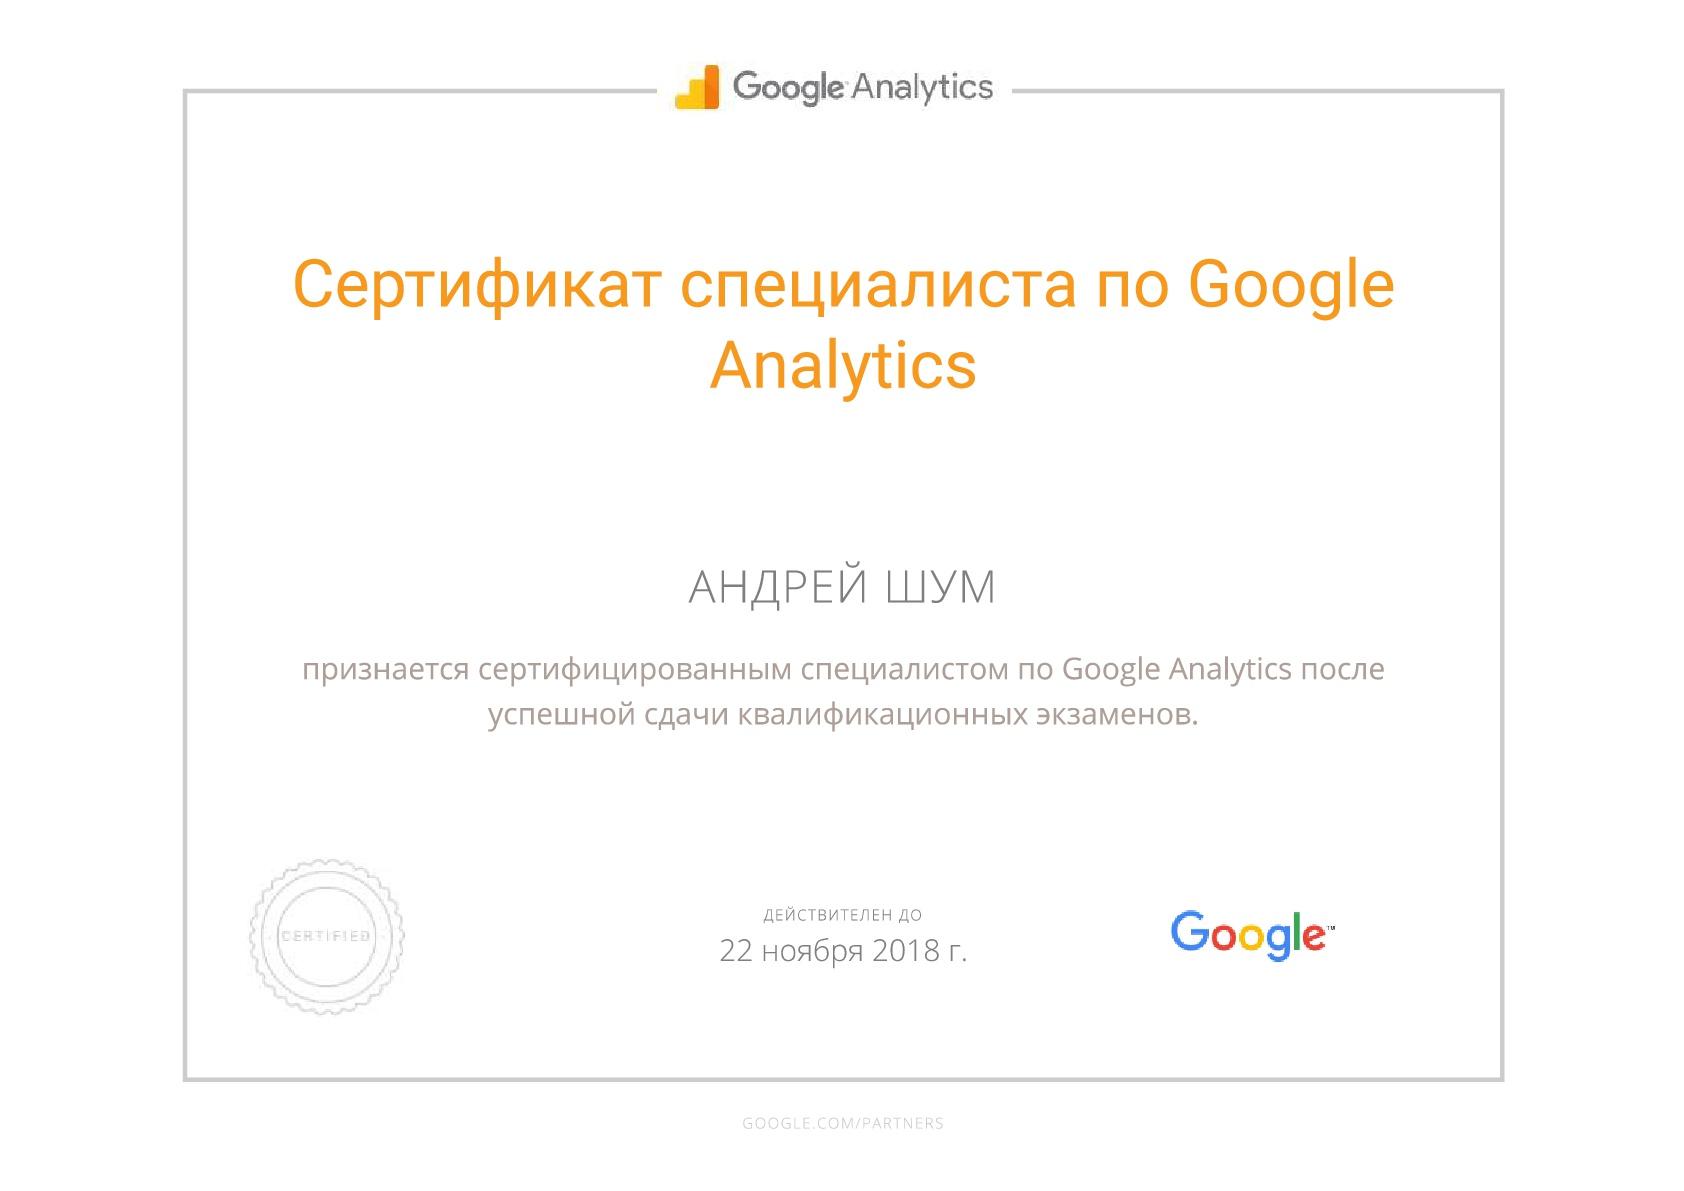 сертификат гугл аналитикс - шум андрей